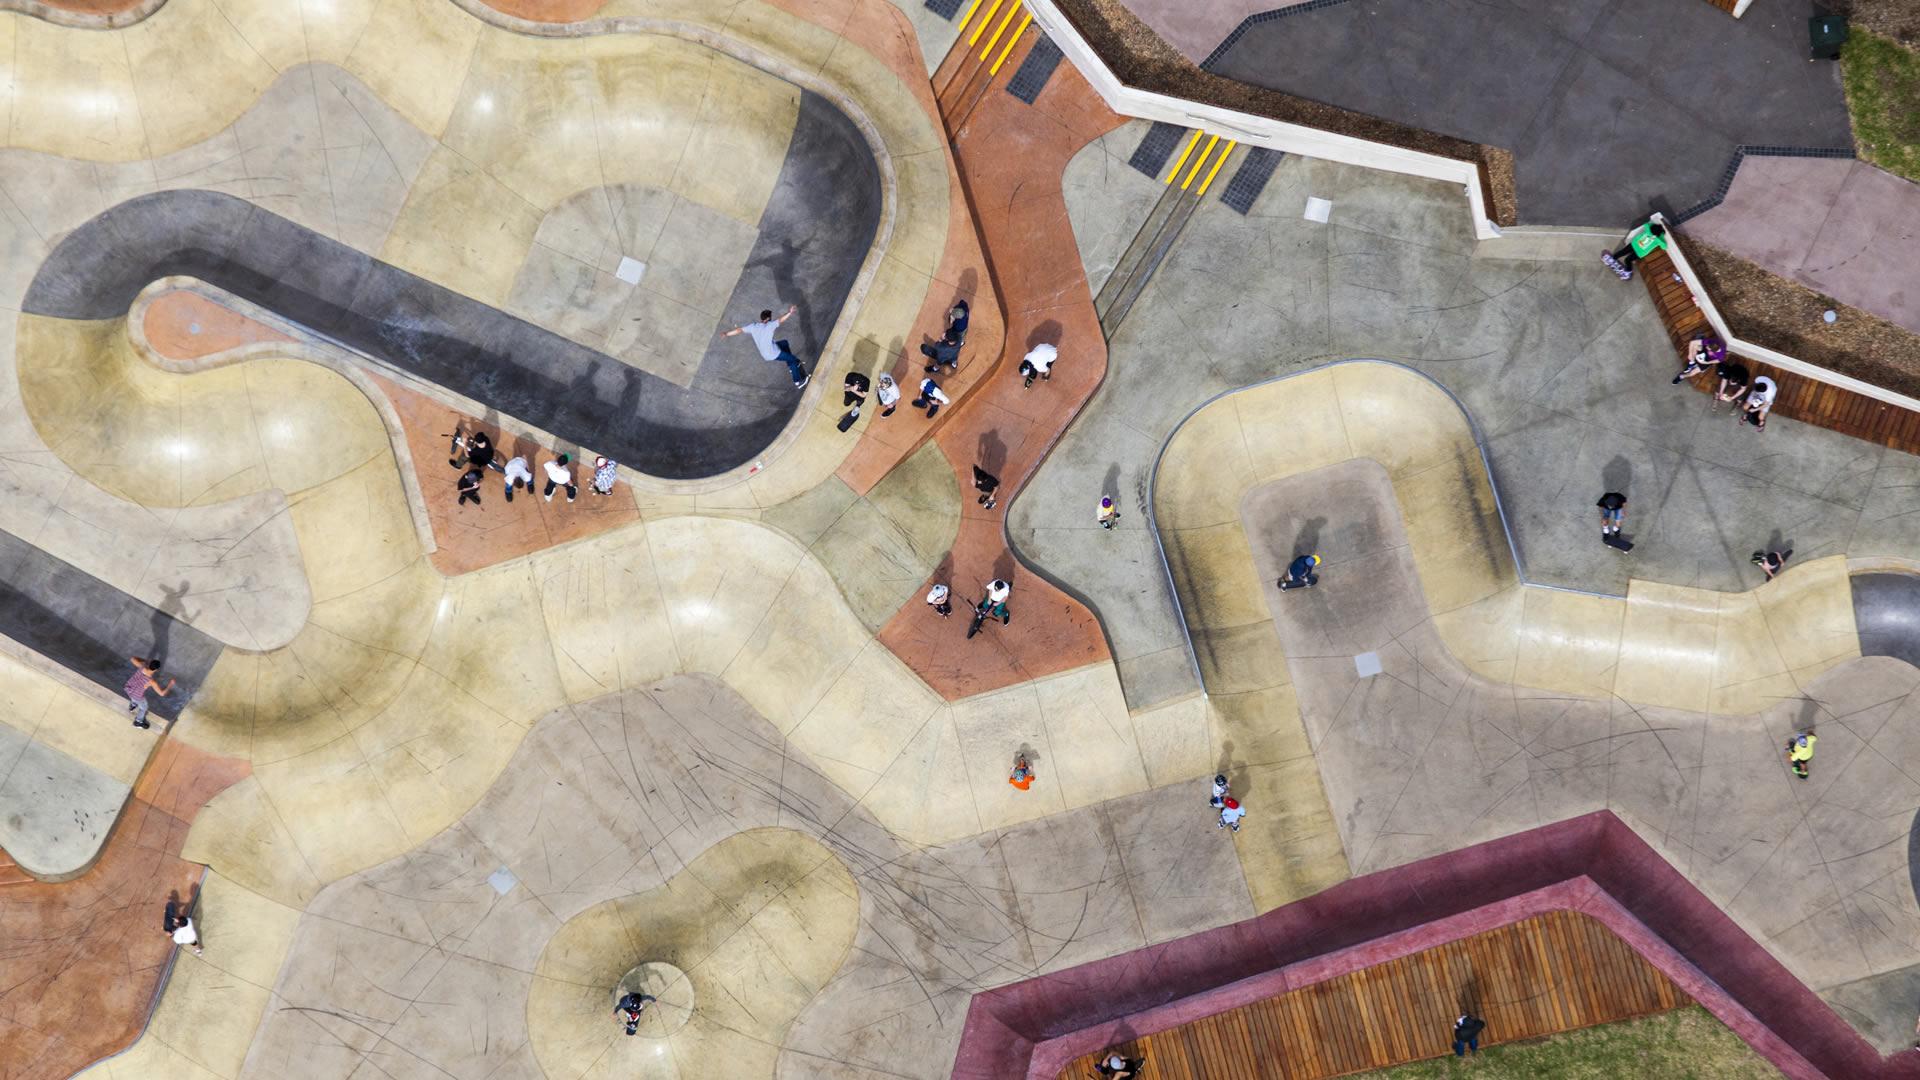 Skate Park Melb